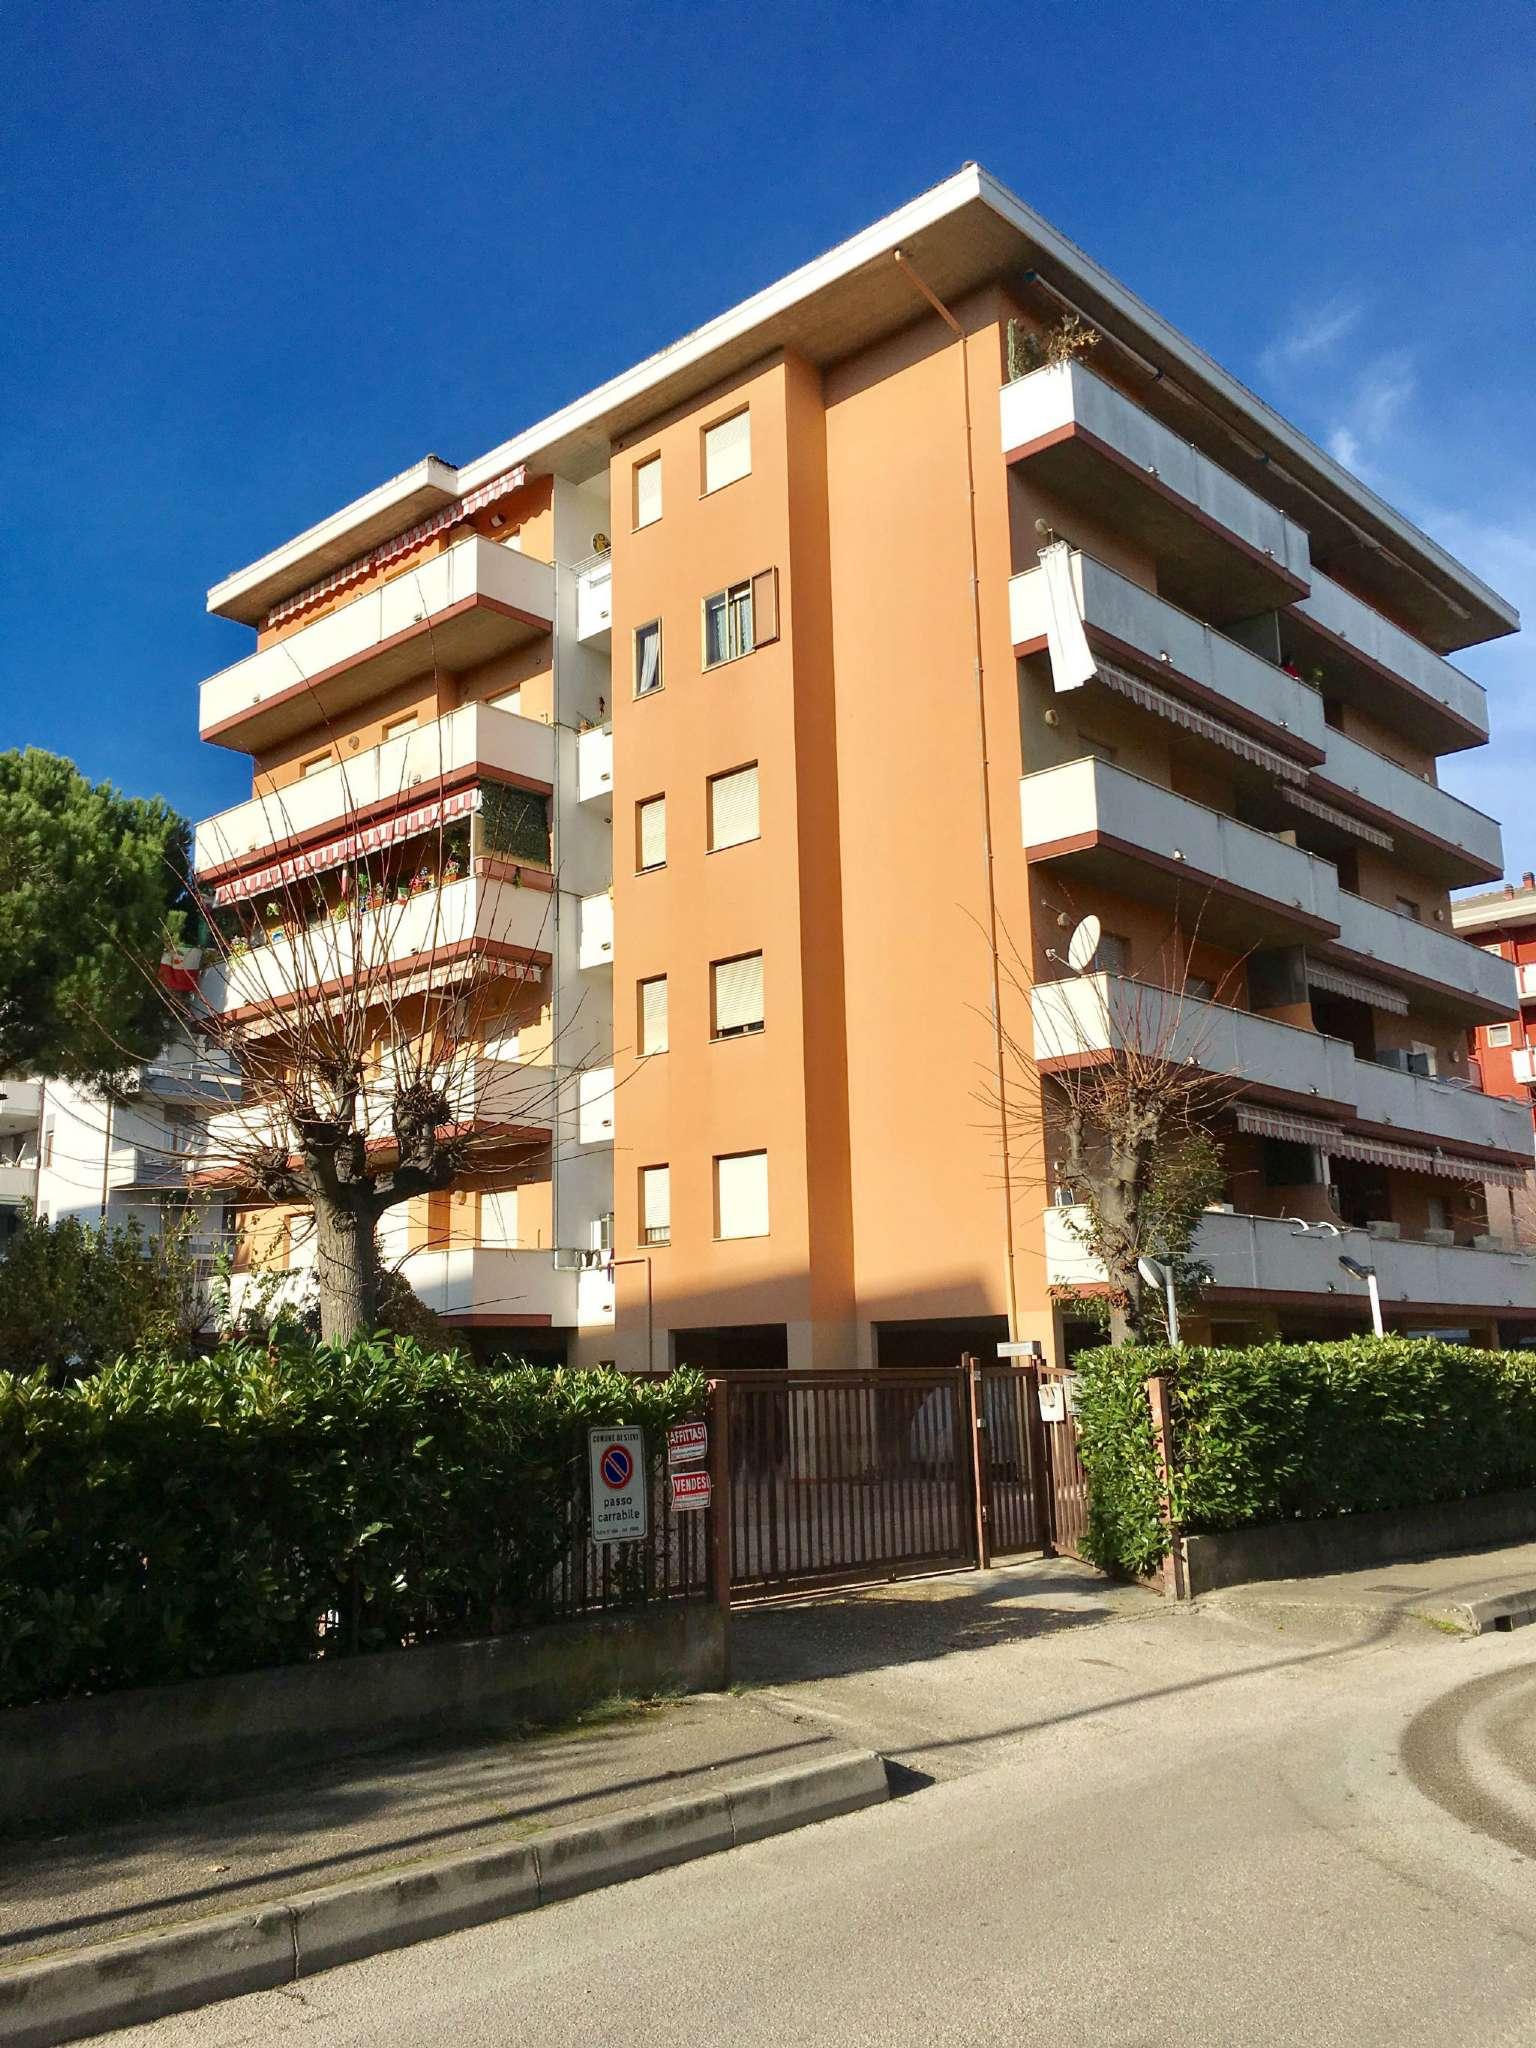 Appartamento in affitto a Silvi, 3 locali, prezzo € 430 | Cambio Casa.it